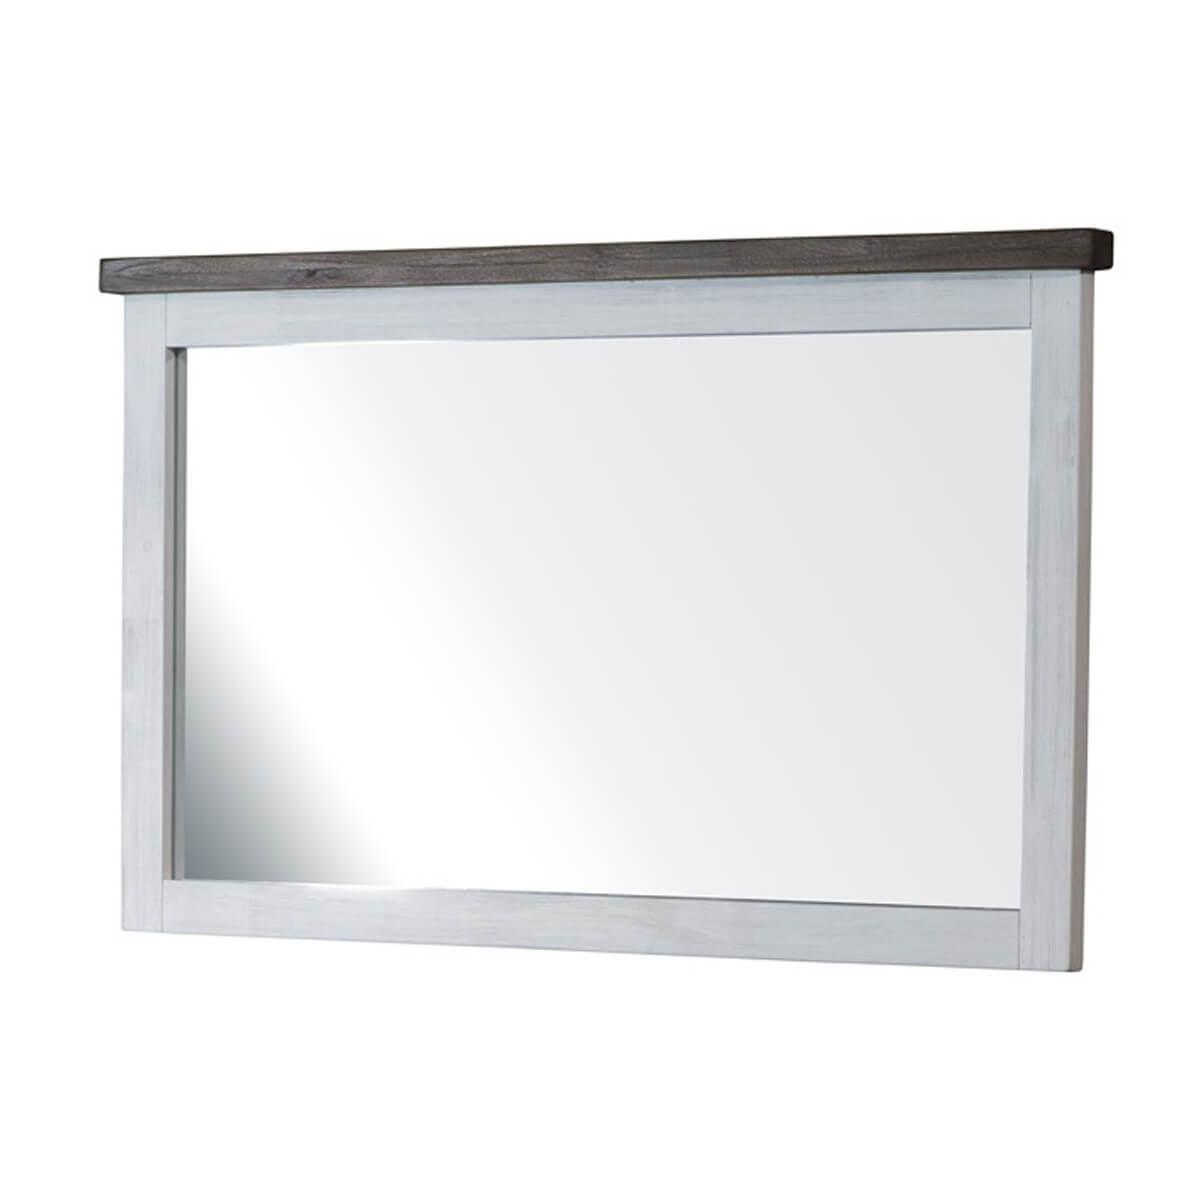 spiegel-loft-in-akazie-massiv-wei-braun